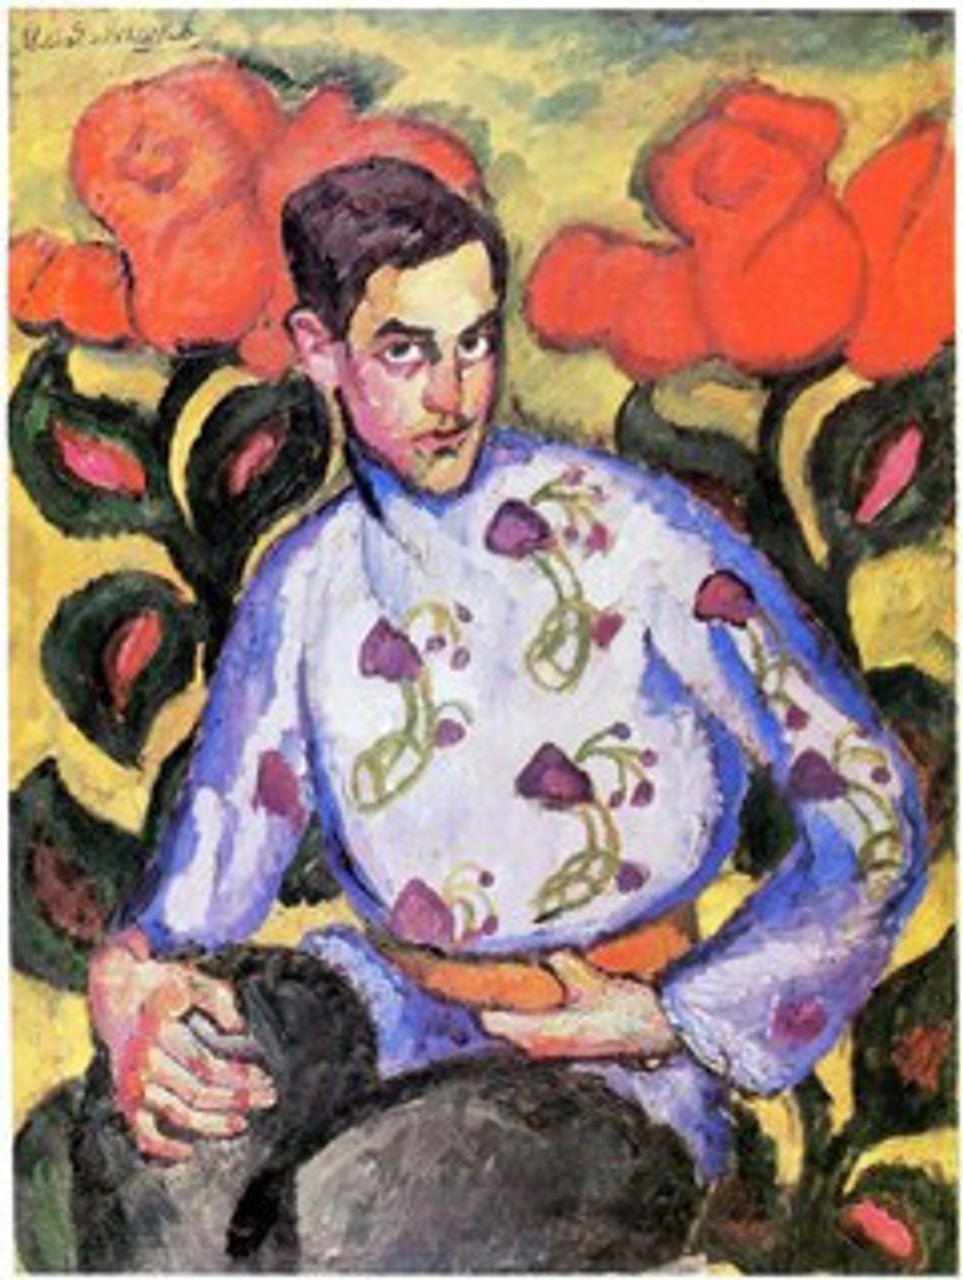 Ilya Mashkov, Portrait of a Boy in a Painted Shirt